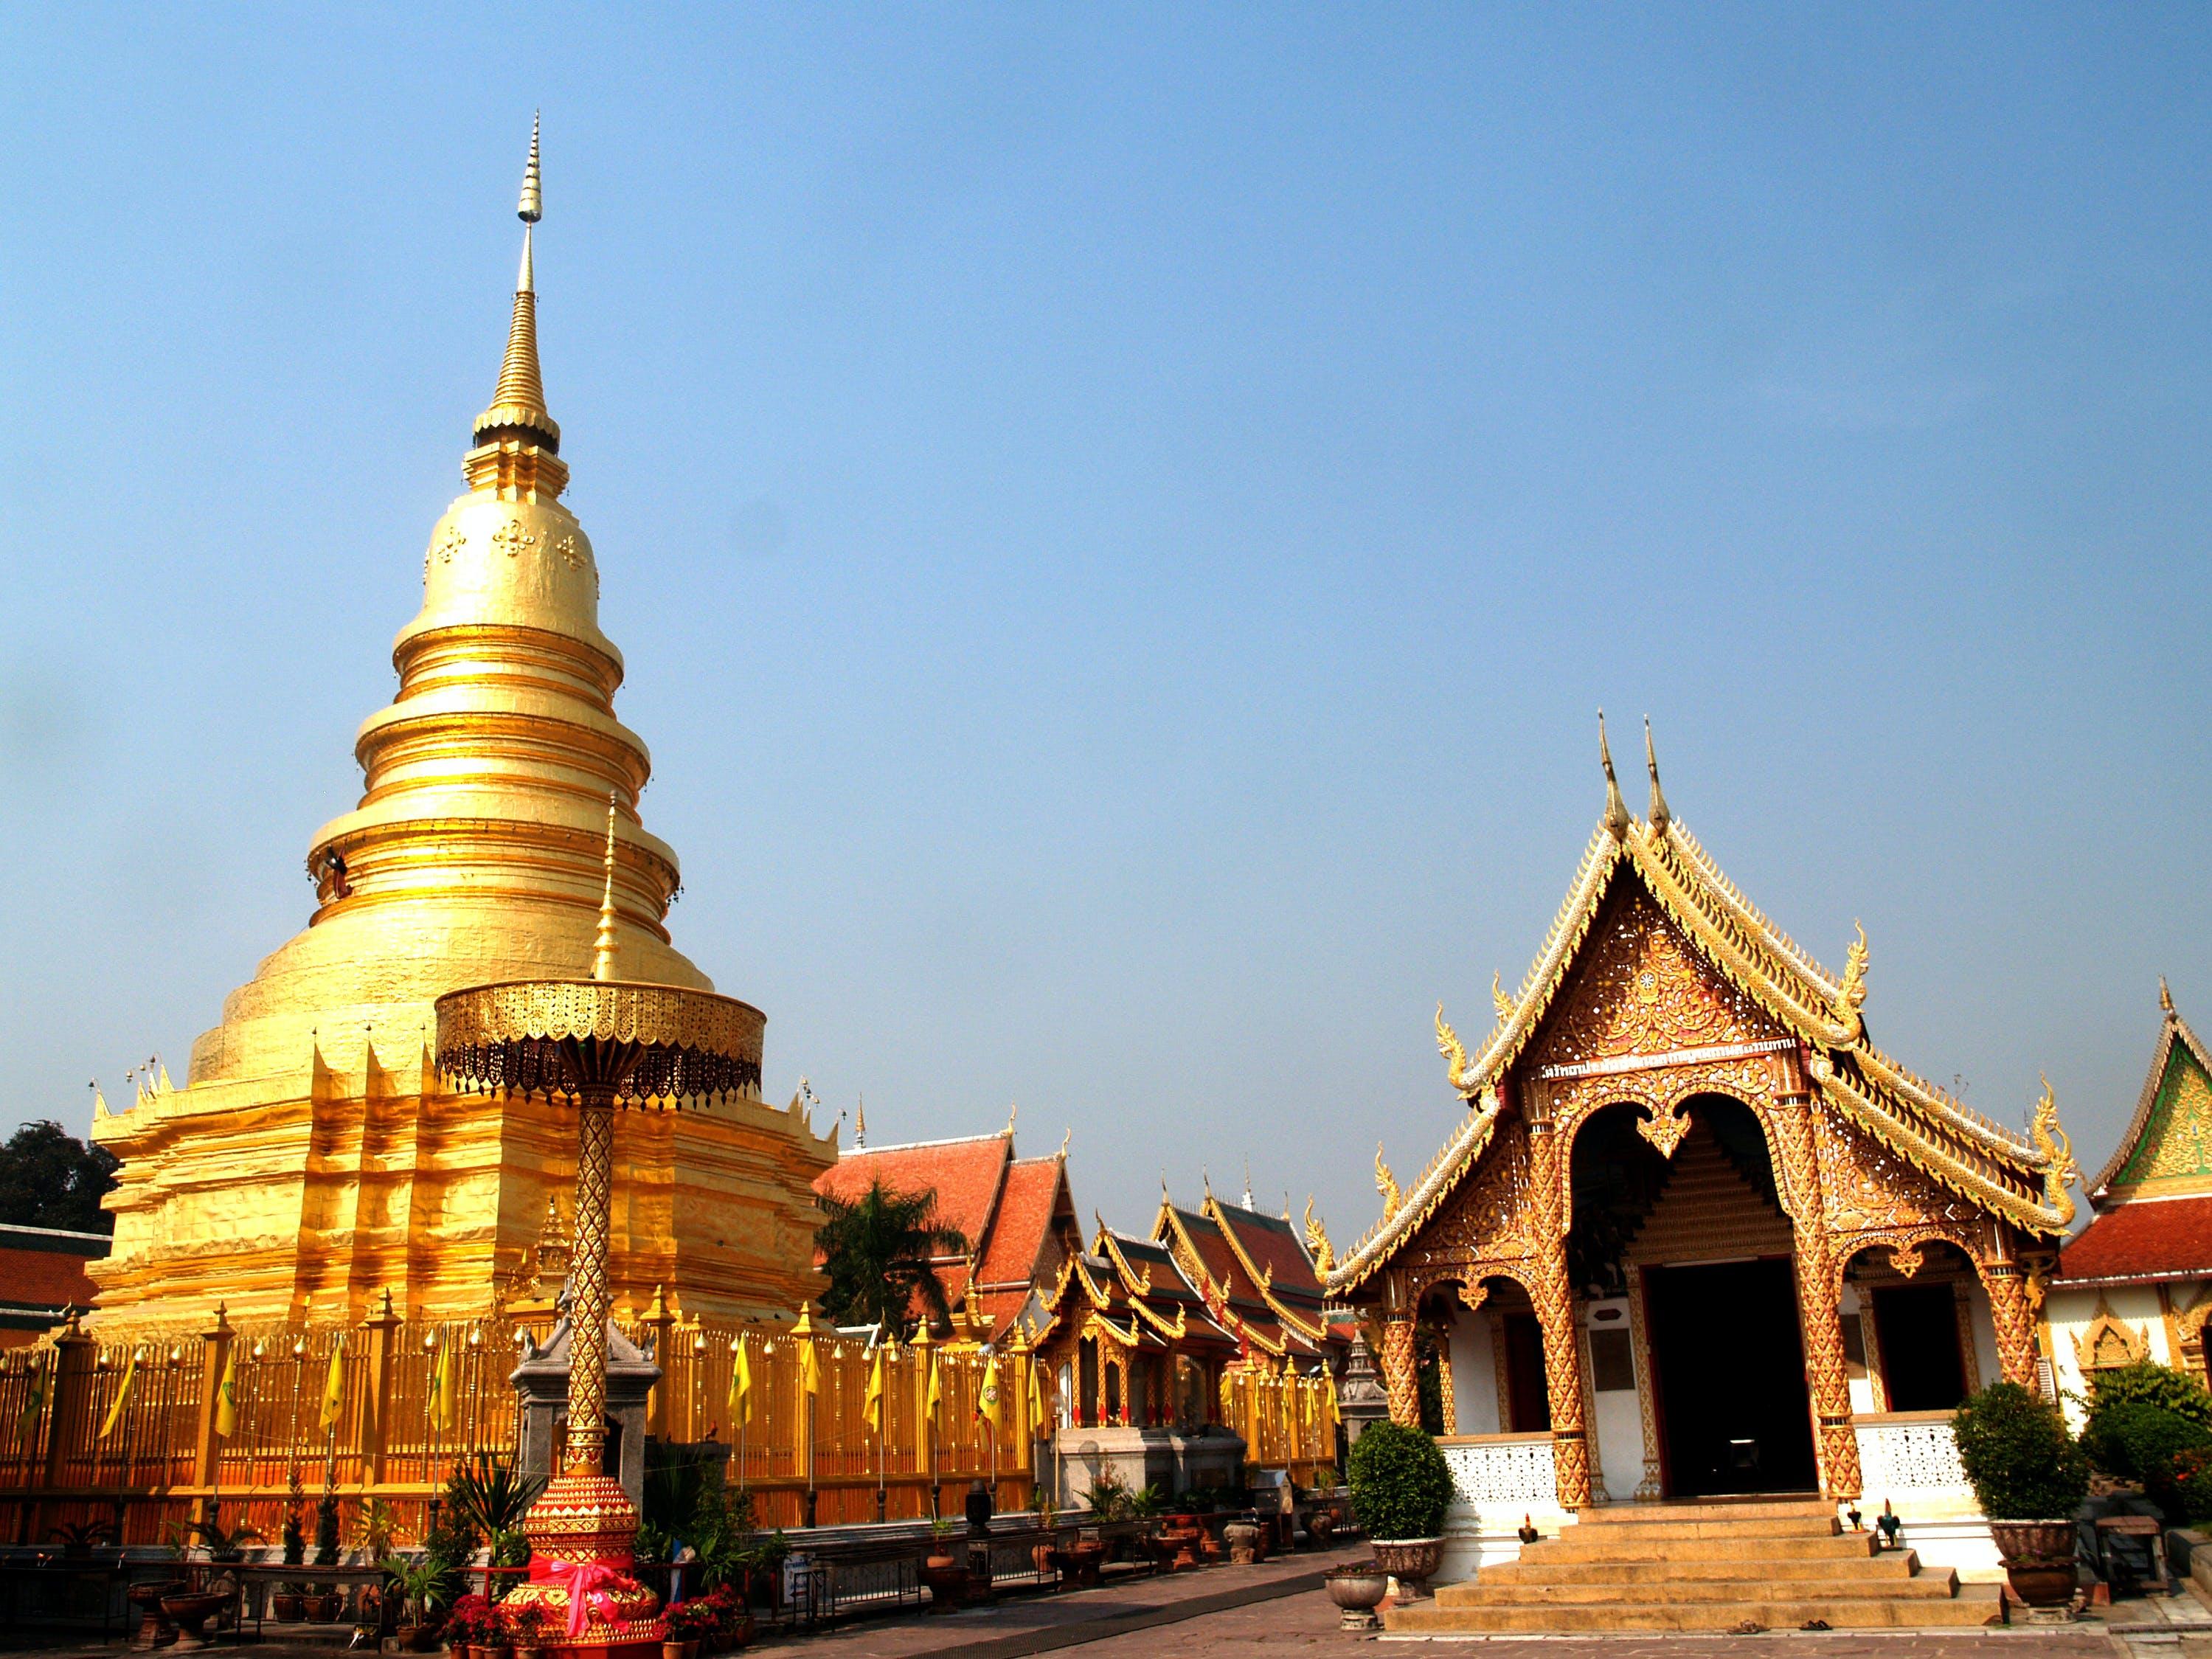 佛教, 佛教徒, 修道院, 地標 的 免費圖庫相片